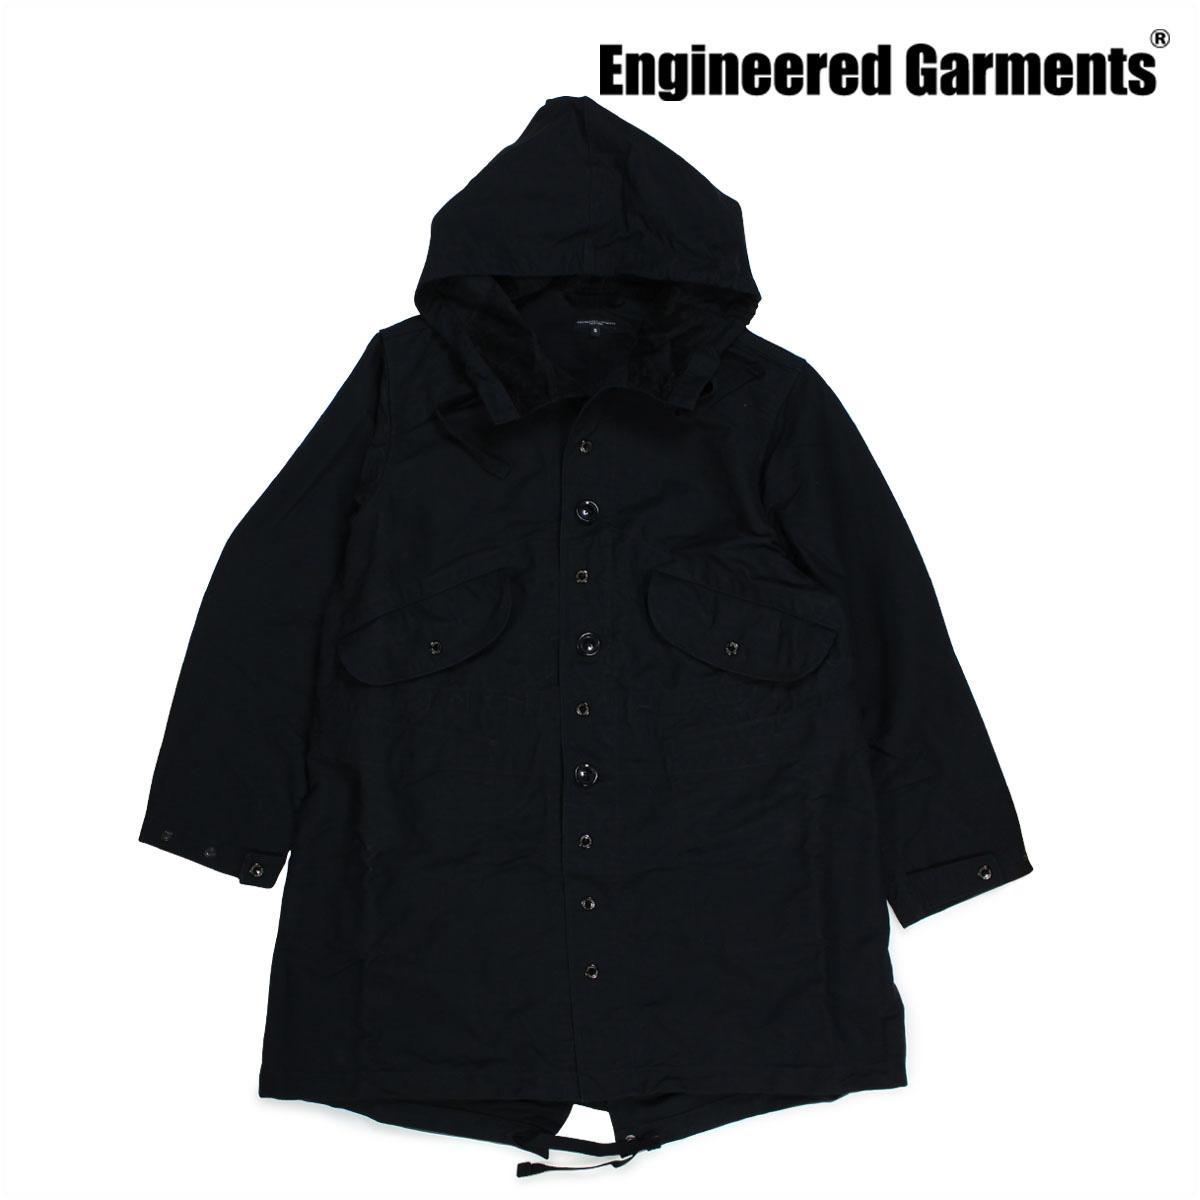 ENGINEERED GARMENTS エンジニアードガーメンツ ジャケット メンズ ミリタリージャケット HIGHLAND PARKA F7D1358 ブラック 【決算セール 返品不可】